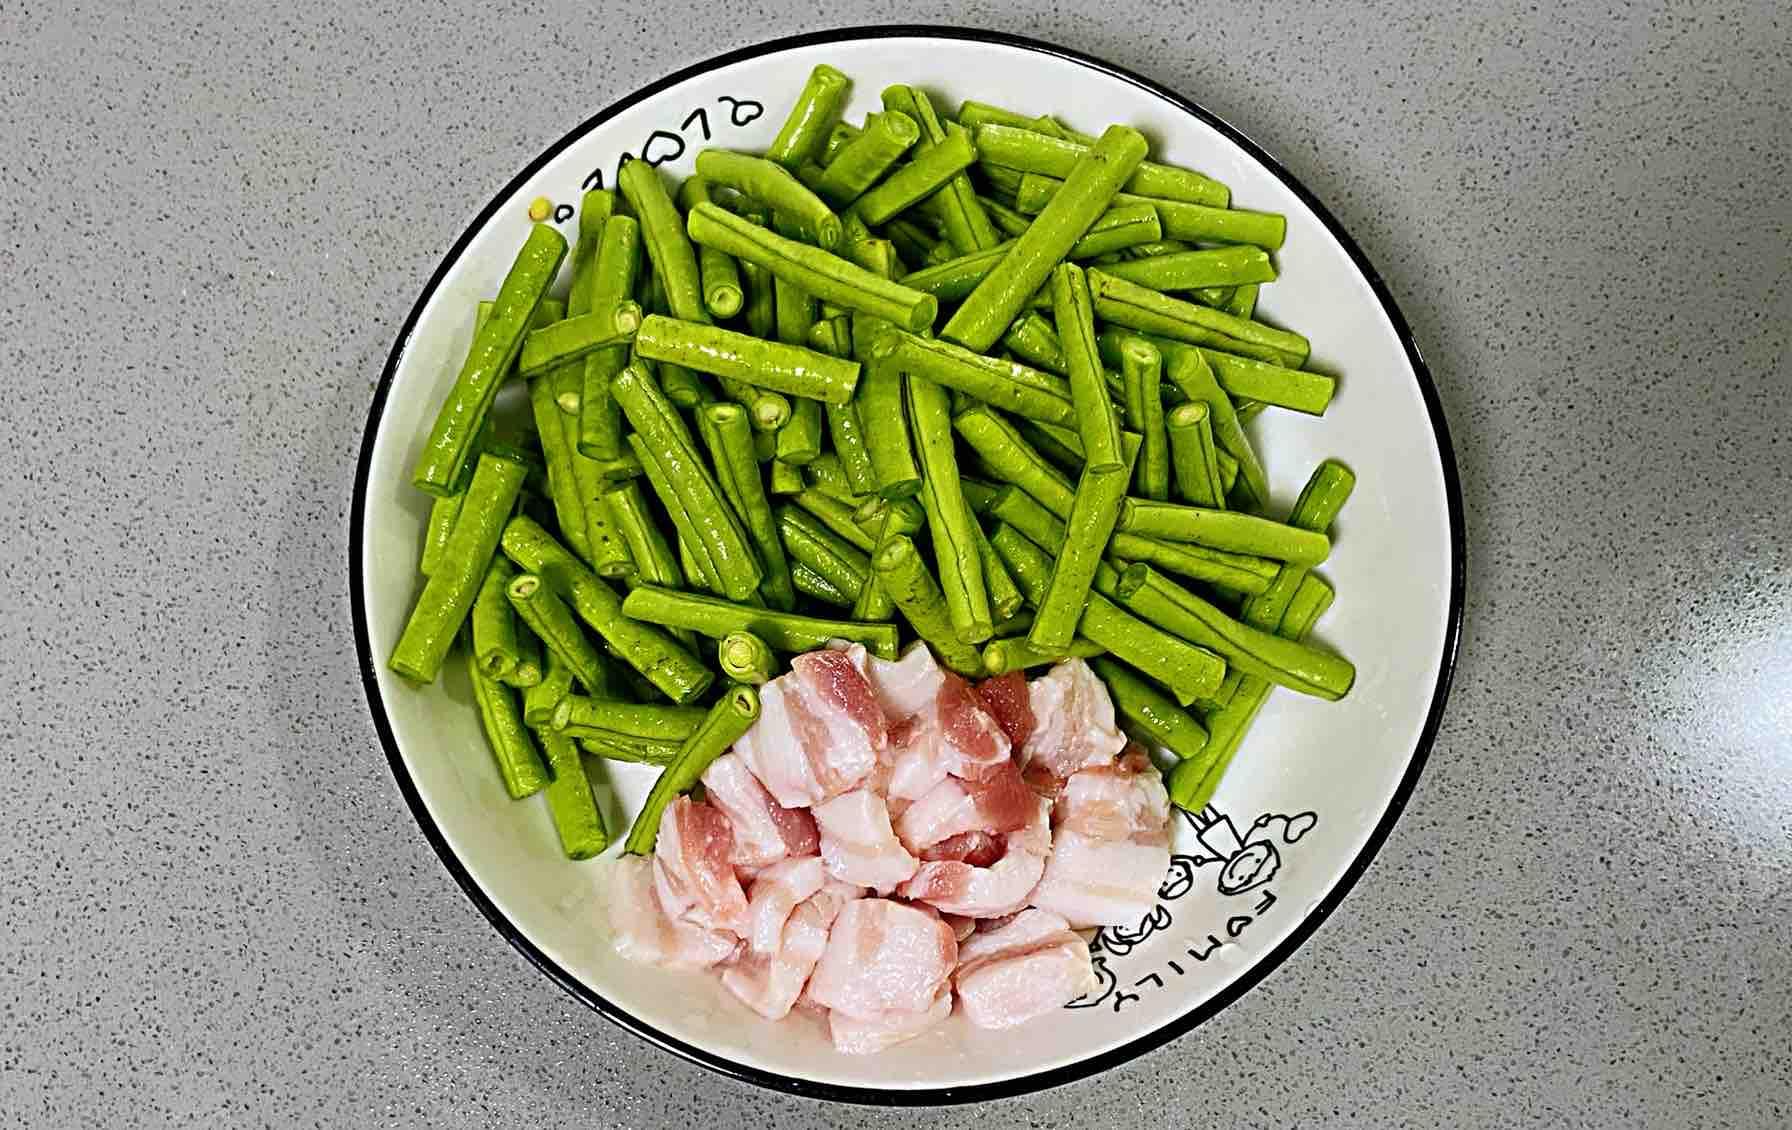 【孕妇食谱】五花肉豆角焖面,味道香而不腻,过瘾又饱腹~的步骤